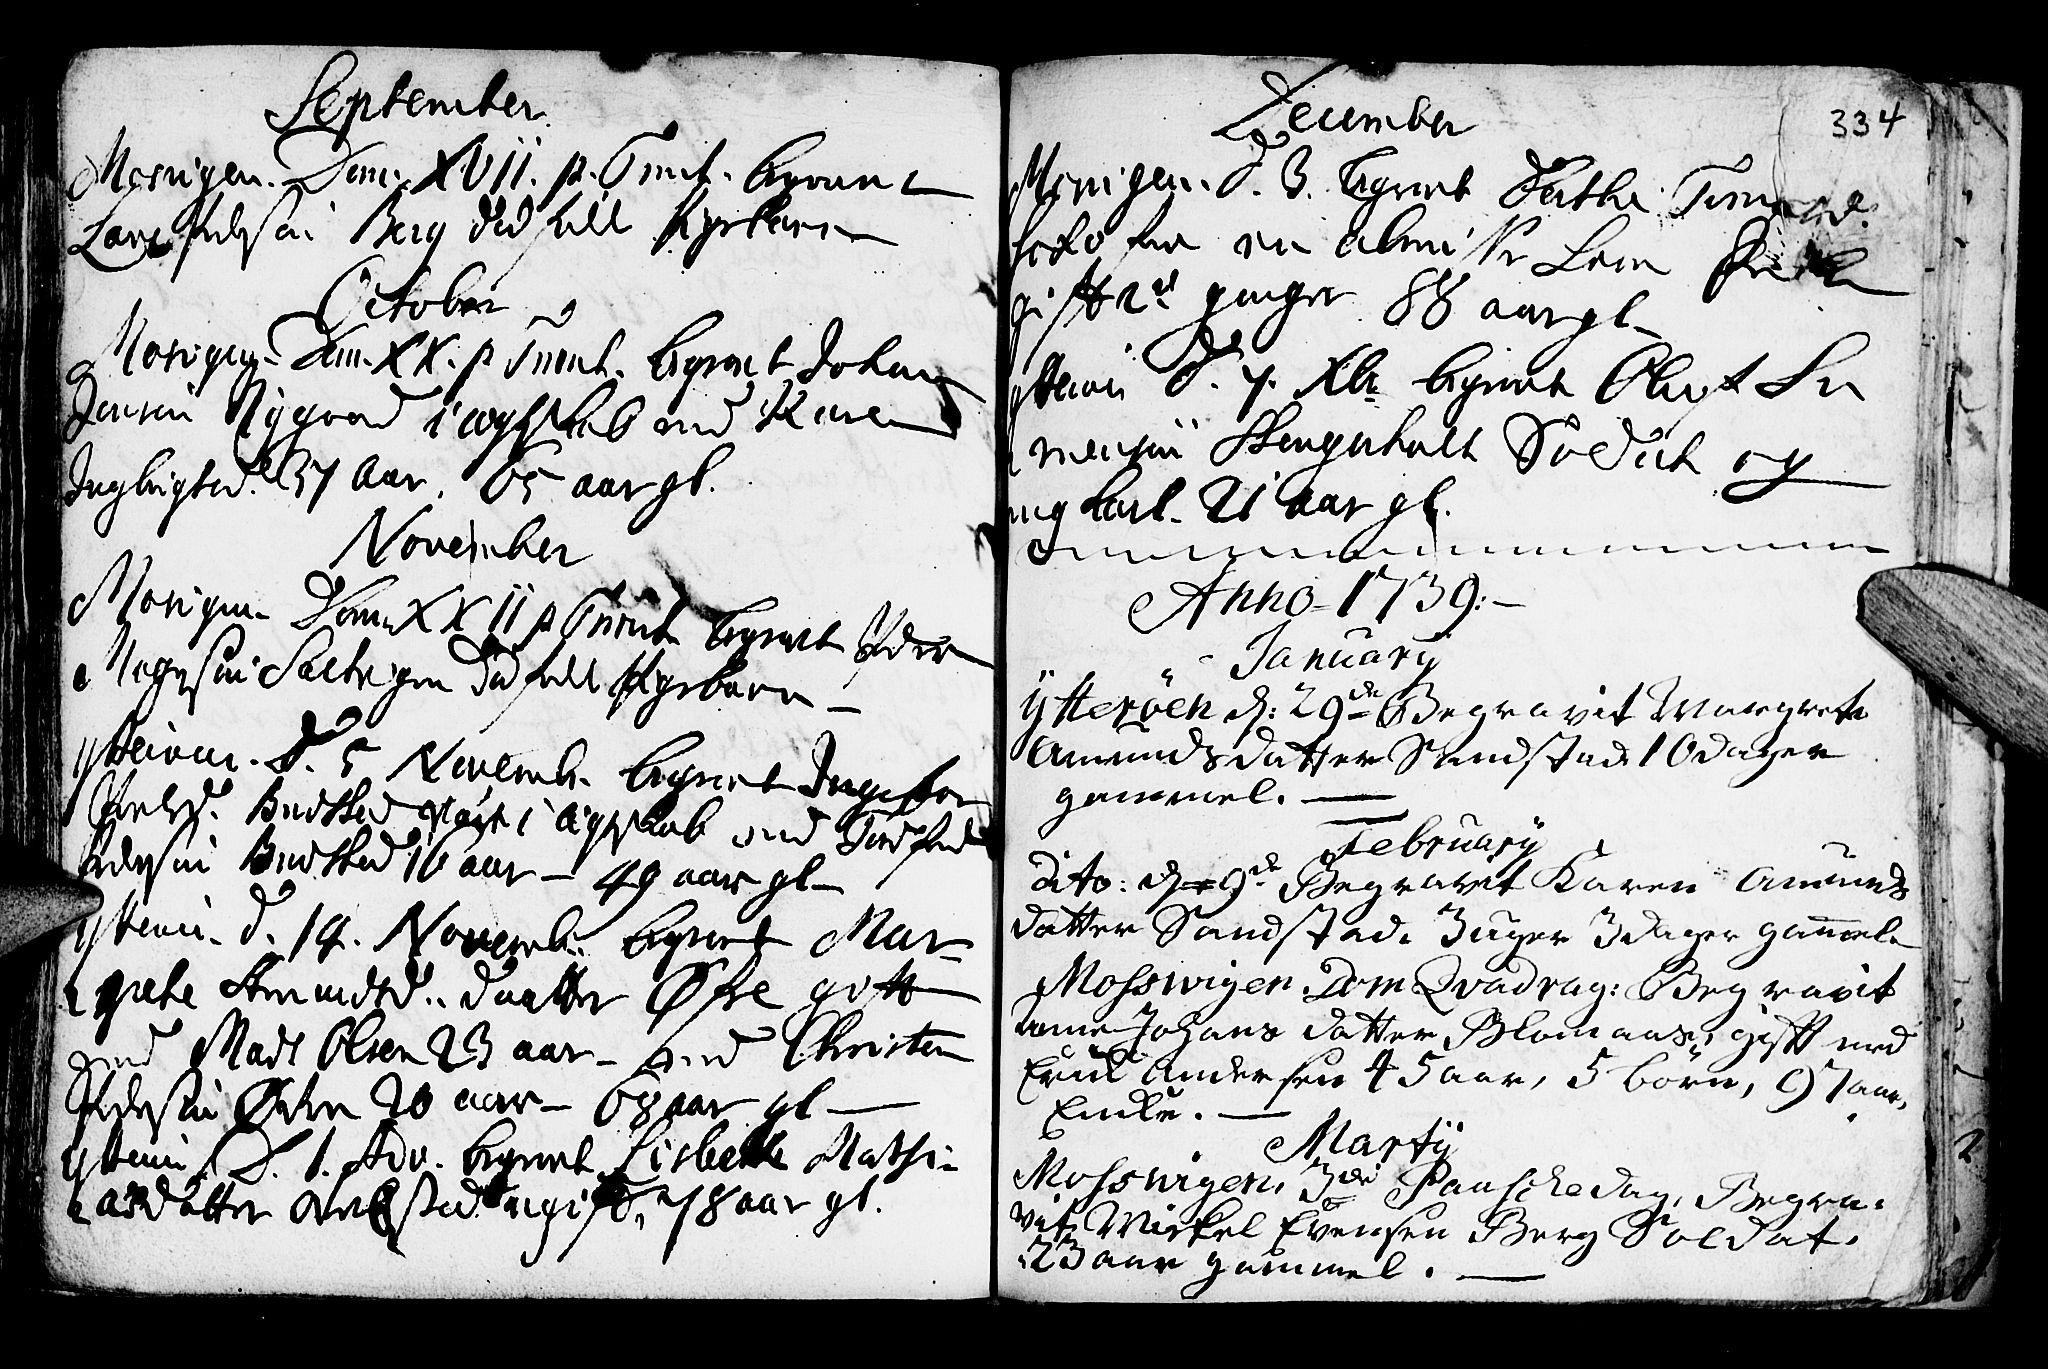 SAT, Ministerialprotokoller, klokkerbøker og fødselsregistre - Nord-Trøndelag, 722/L0215: Ministerialbok nr. 722A02, 1718-1755, s. 334